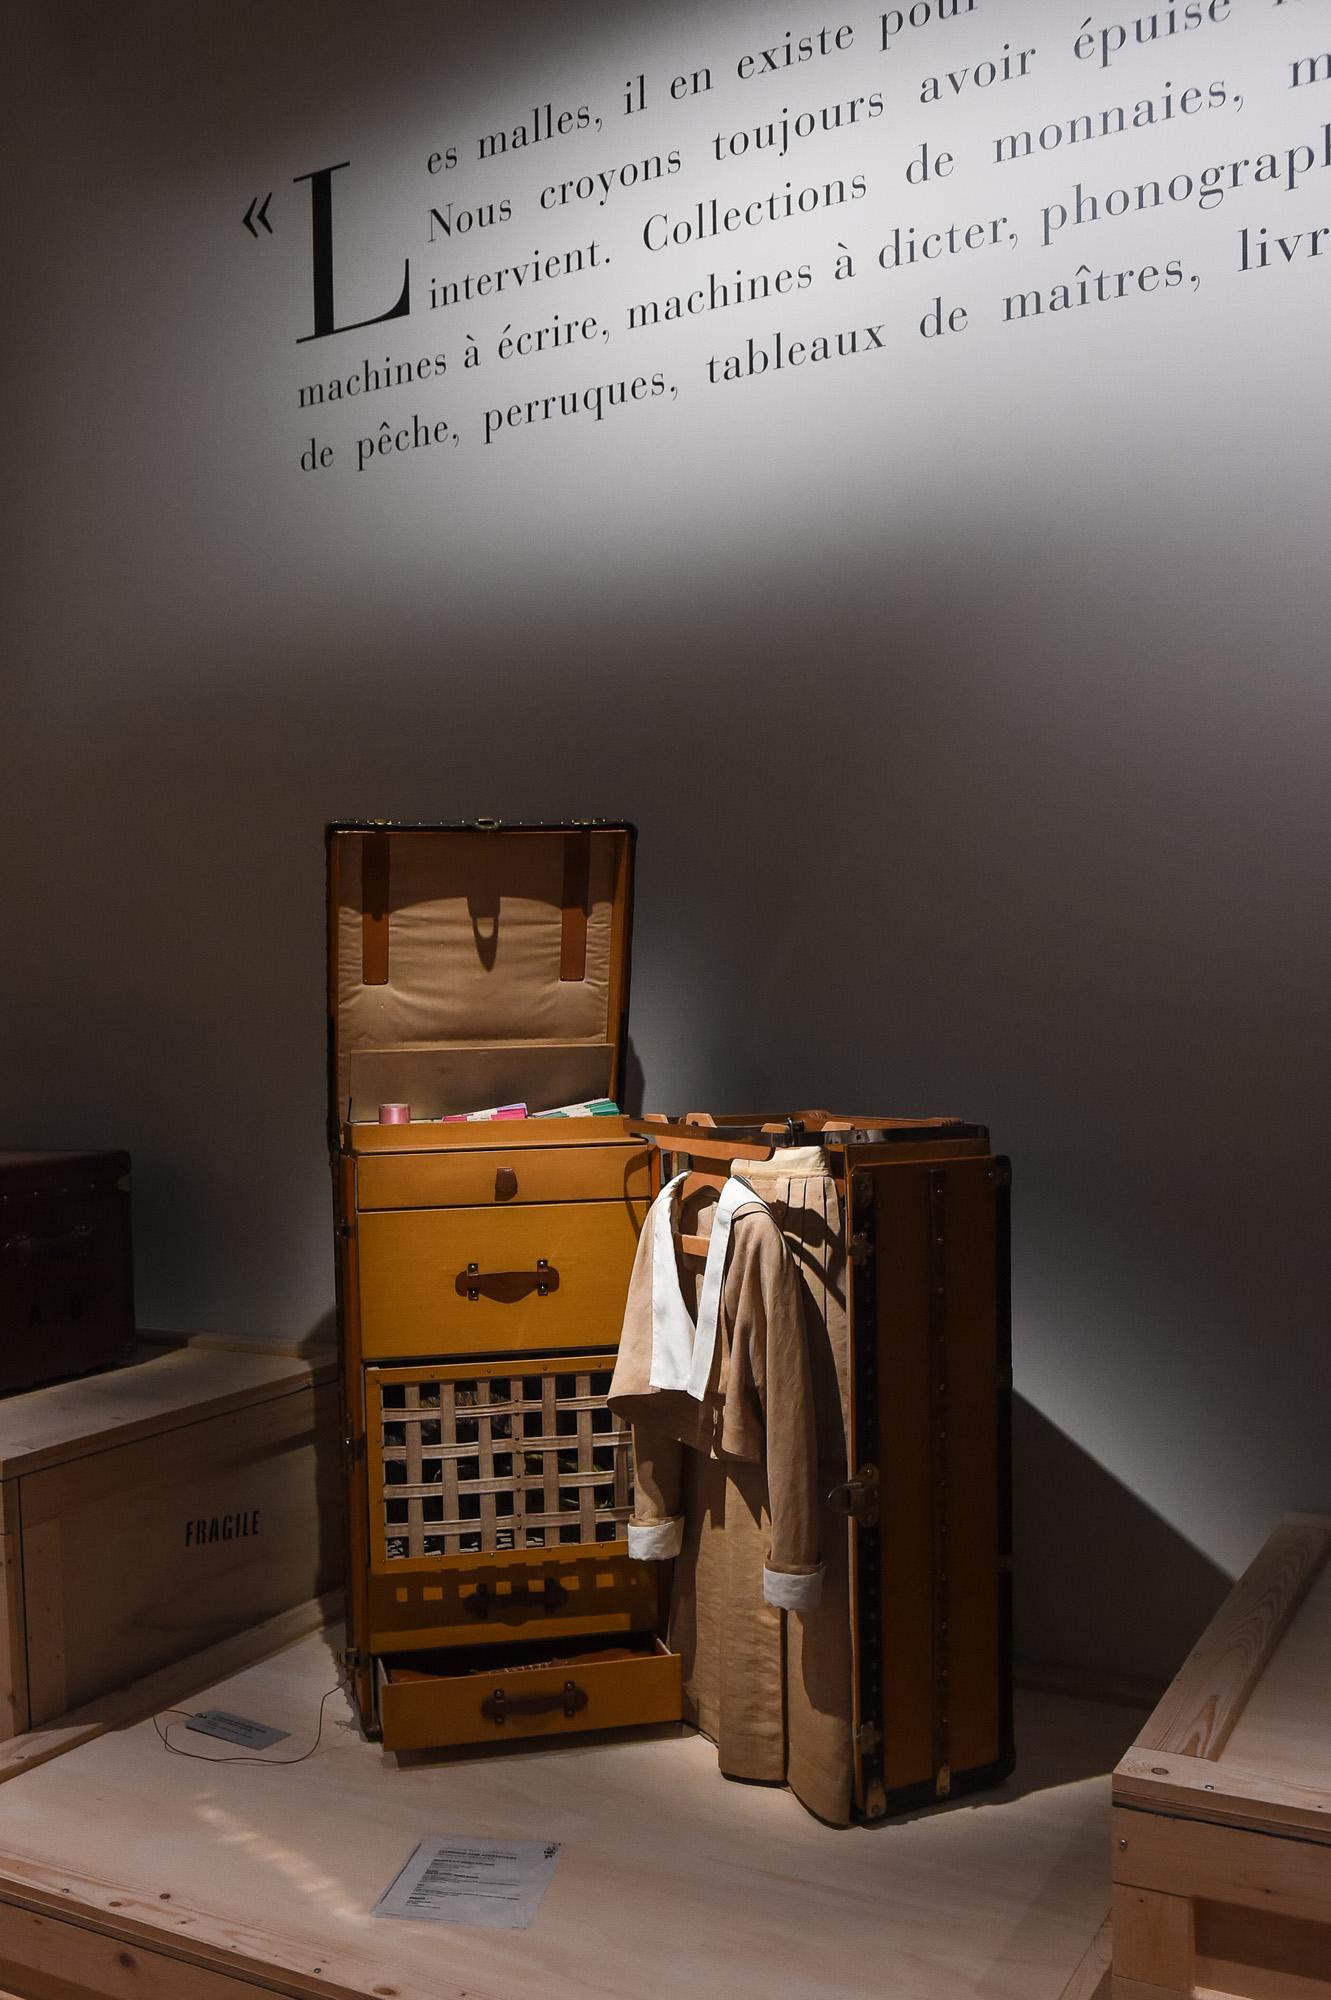 louis-vuitton-volez-voguez-voyagez-exhibition-new-york-4